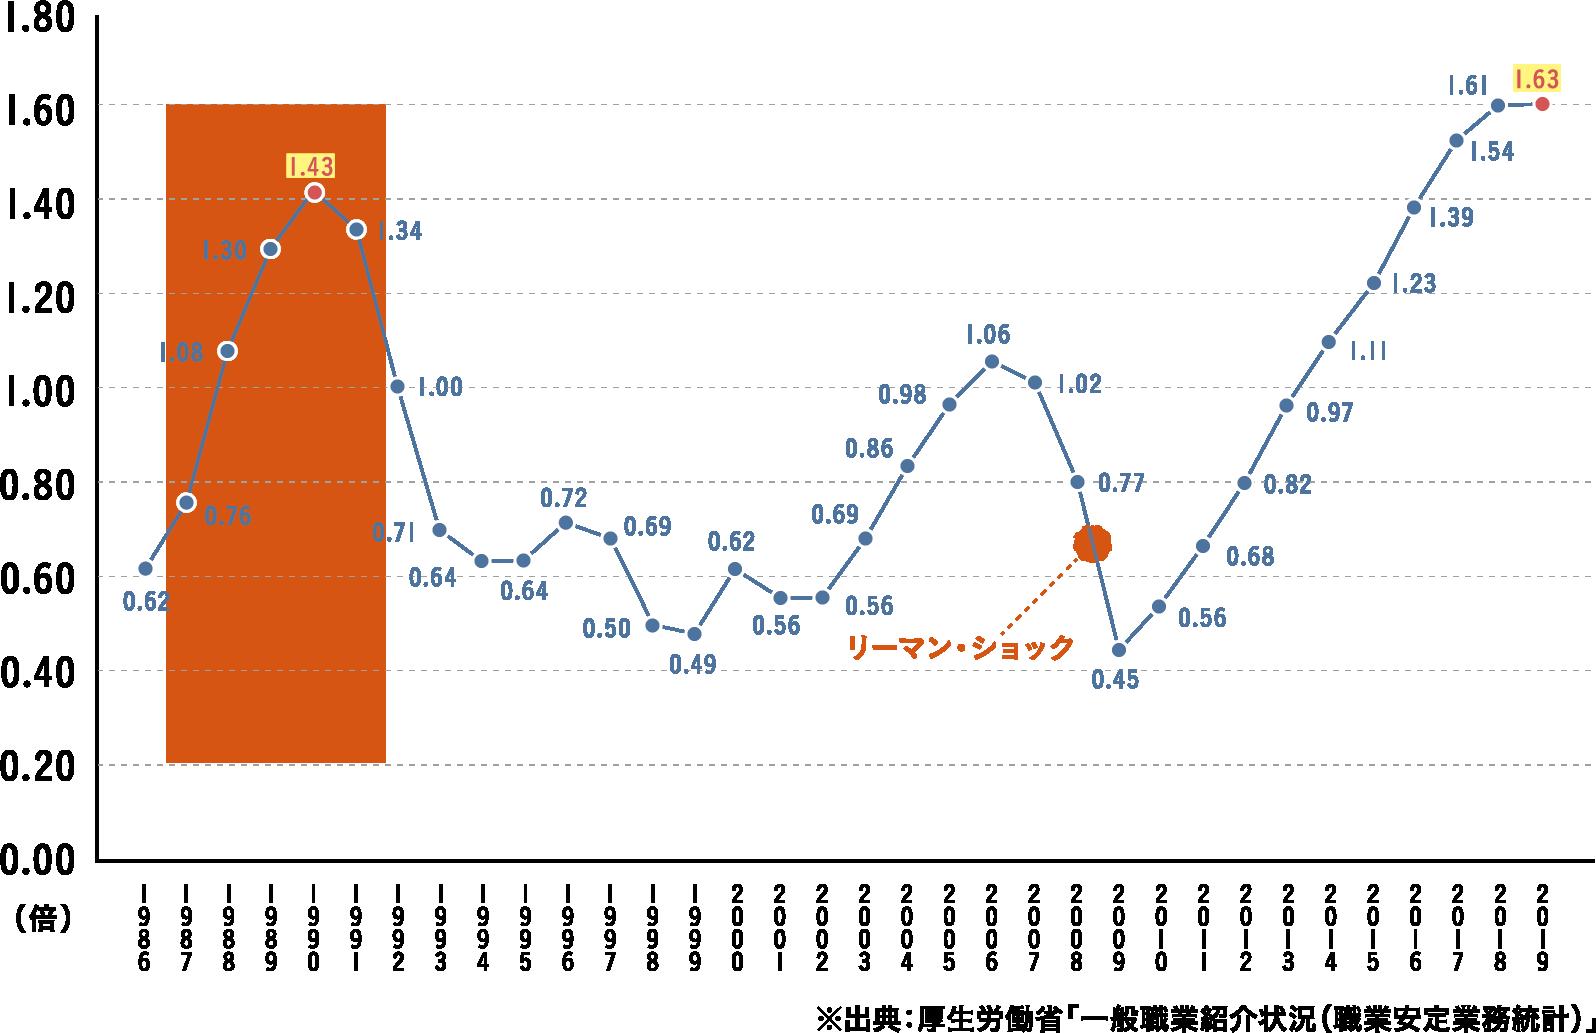 有効求人倍率(1986年~2019年)